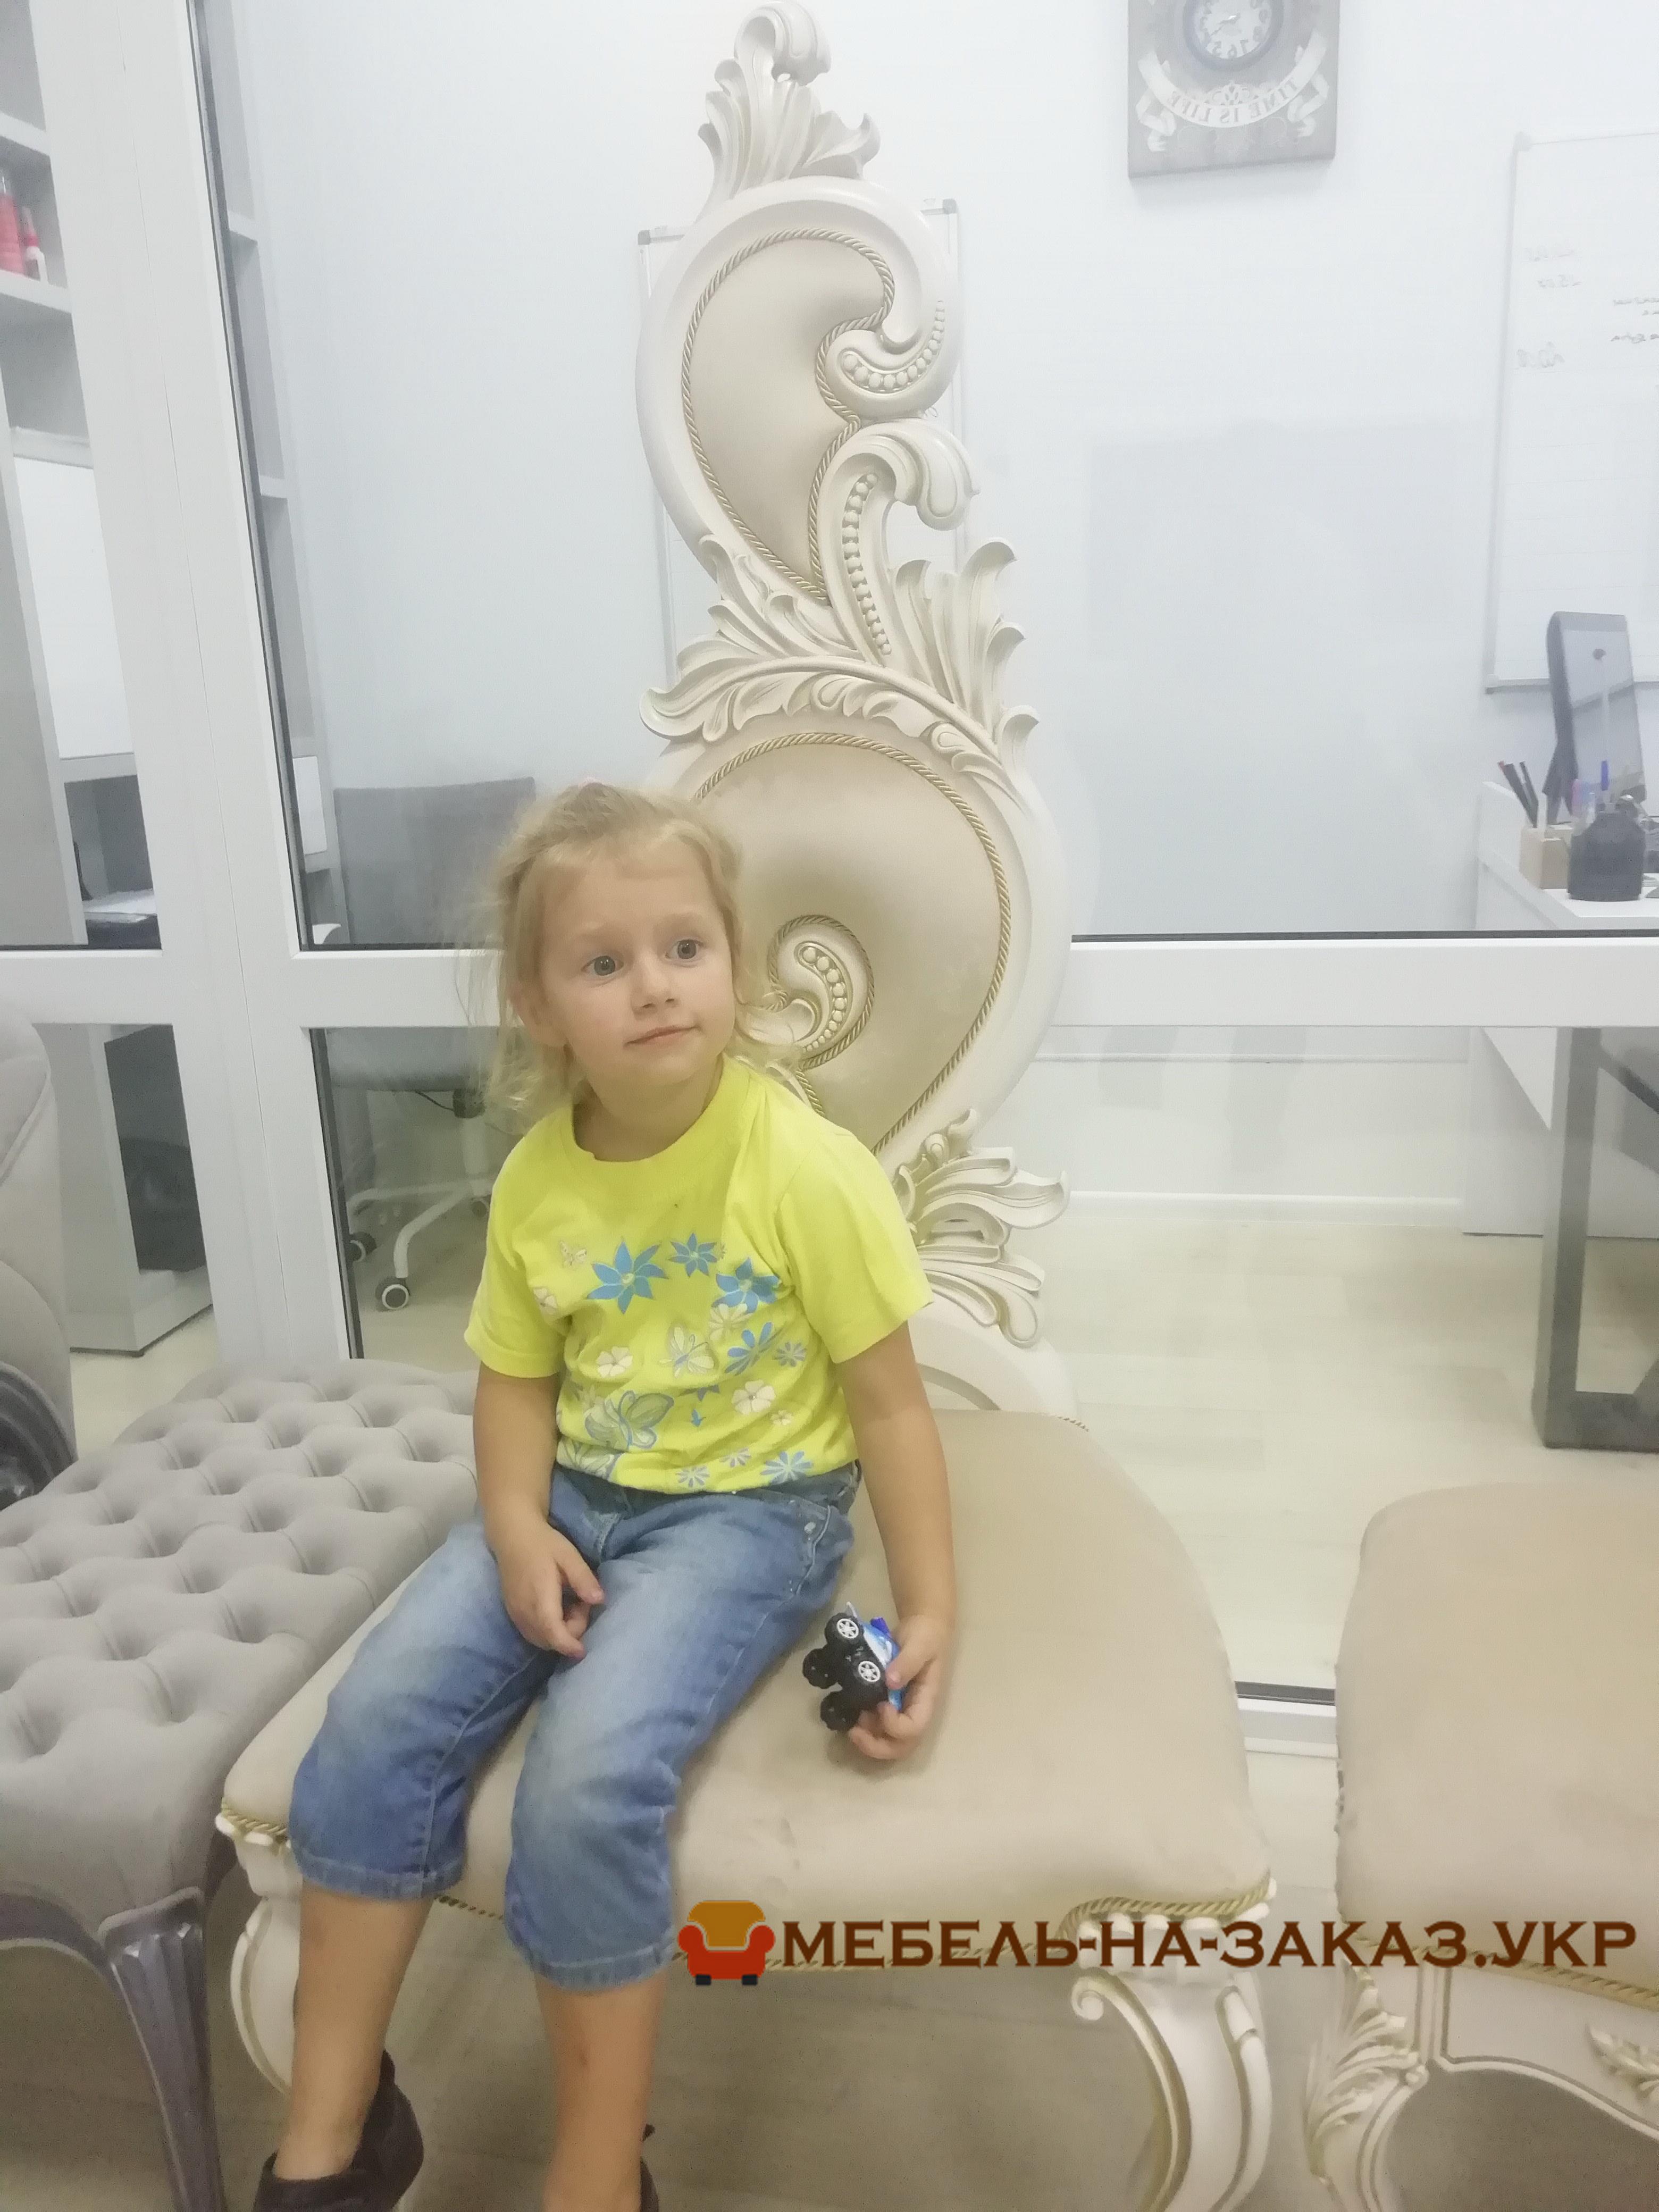 Саша мицук на кресле